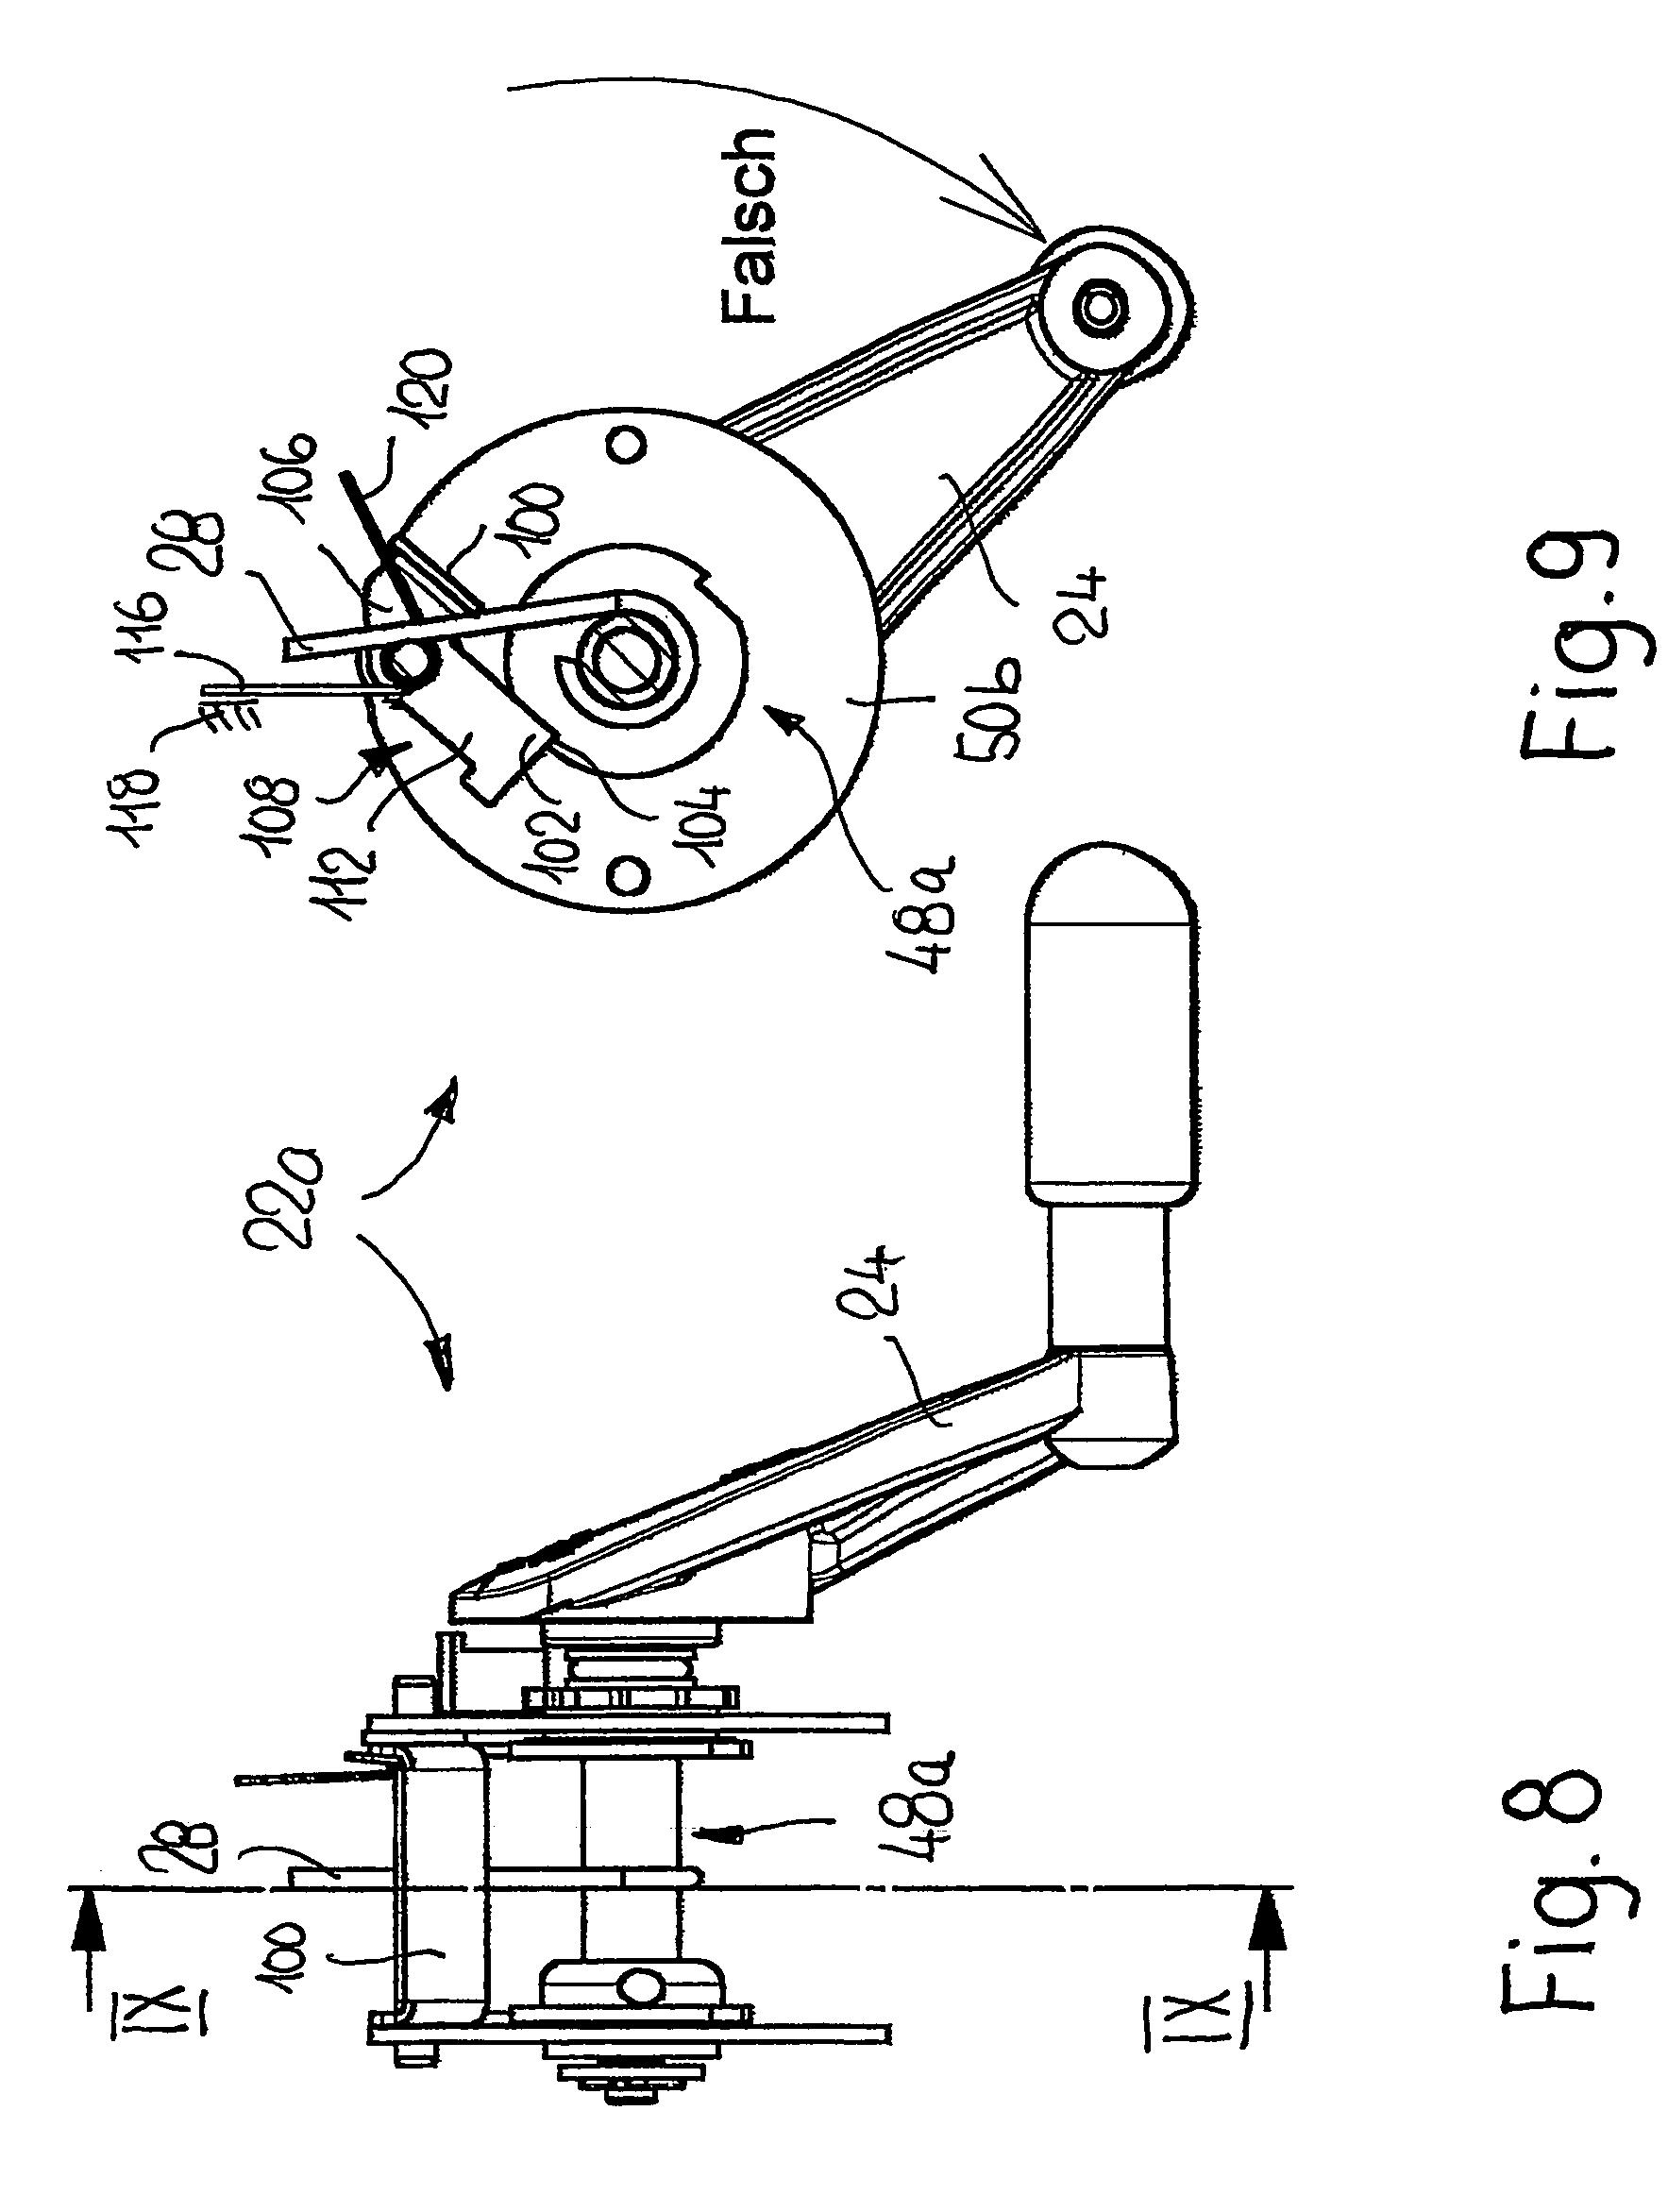 3 prong rocker switch wiring diagram  3  free engine image